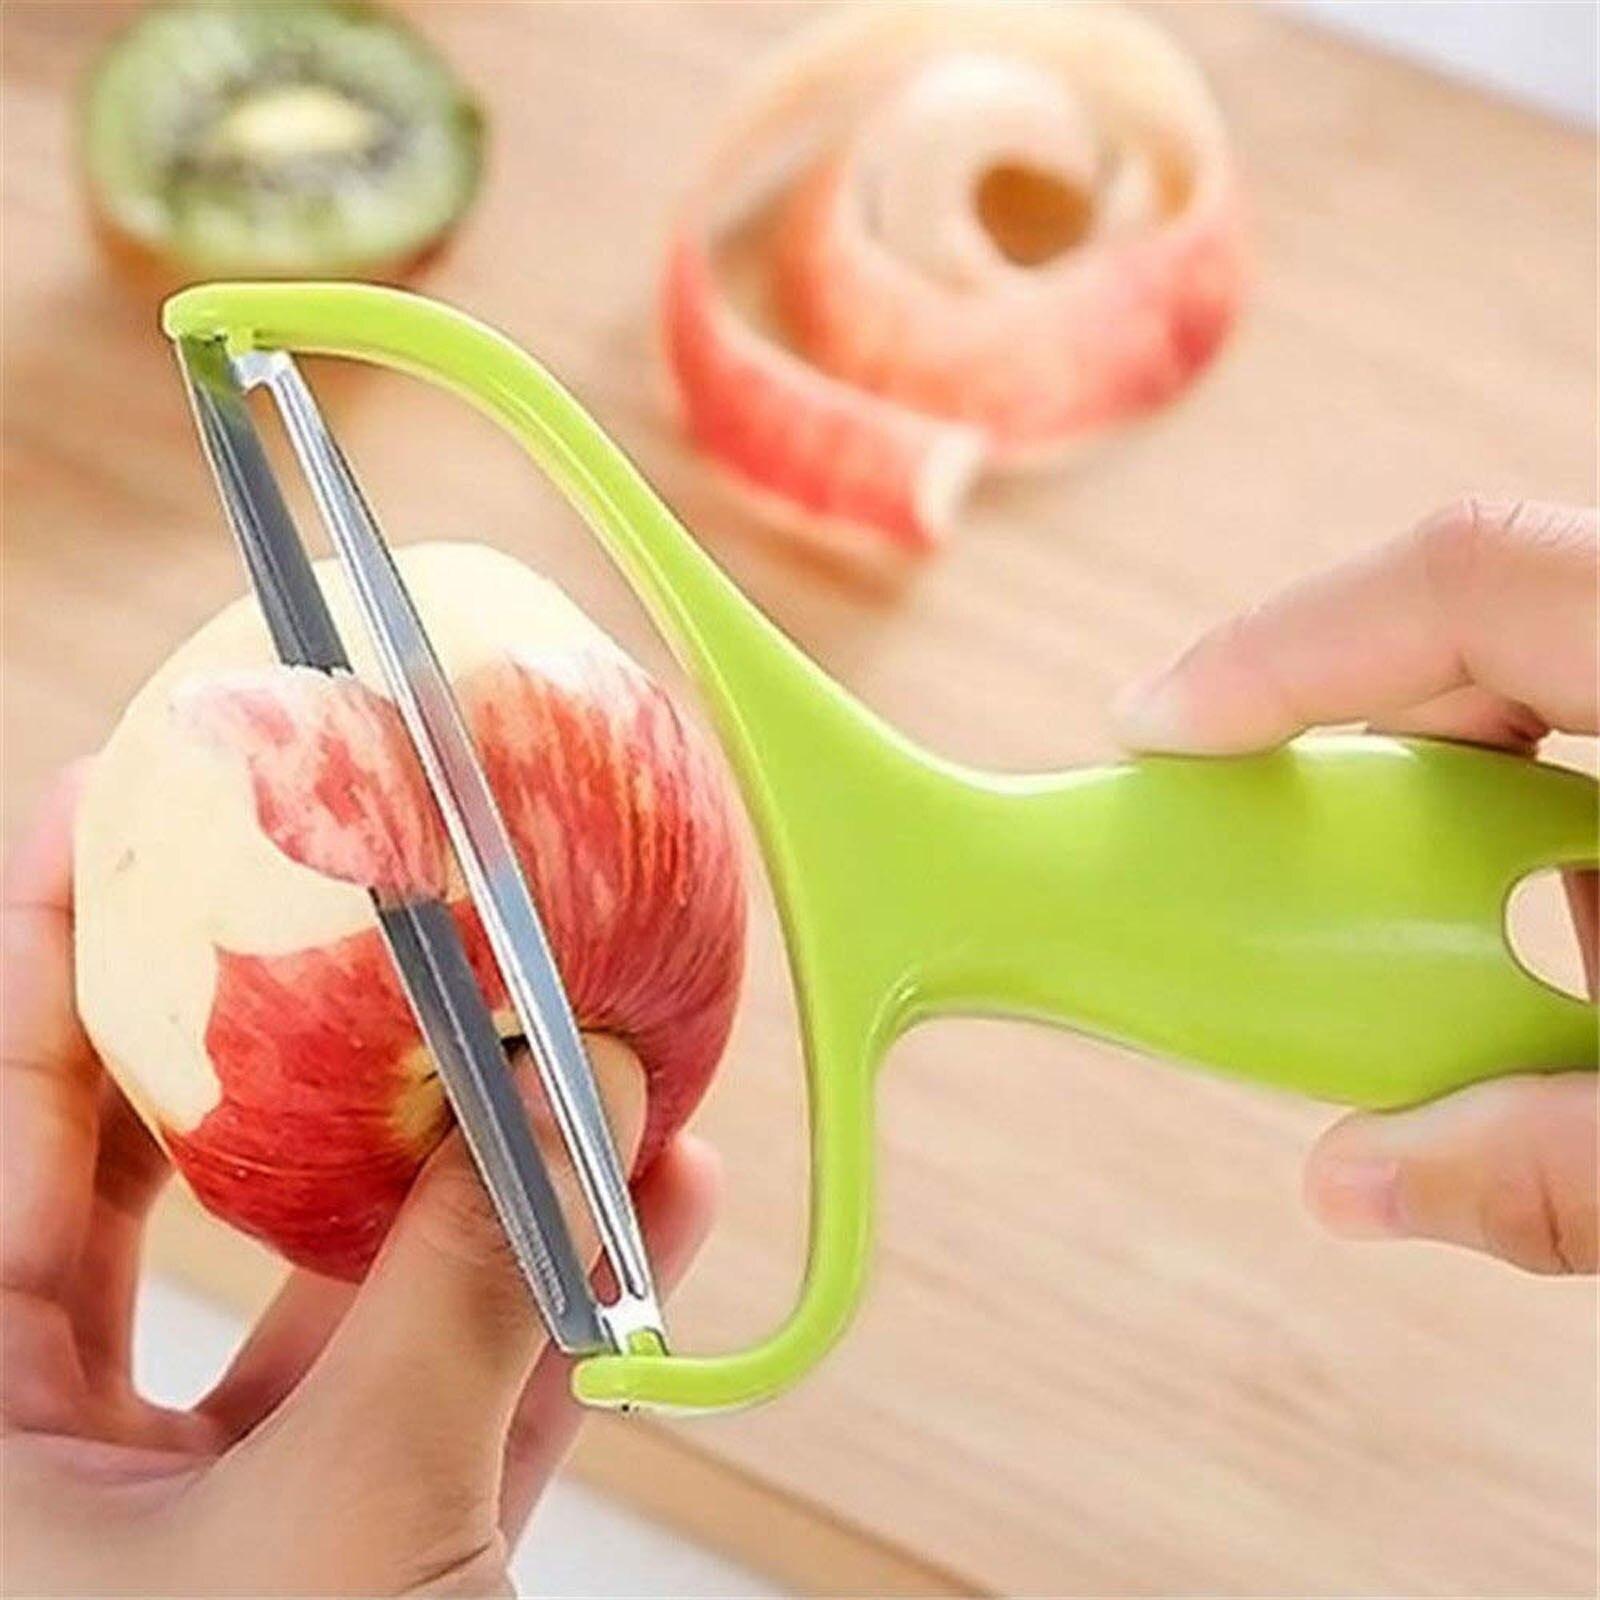 Herramientas de cocina, pelador de verduras y frutas, cuchillo de acero inoxidable,...